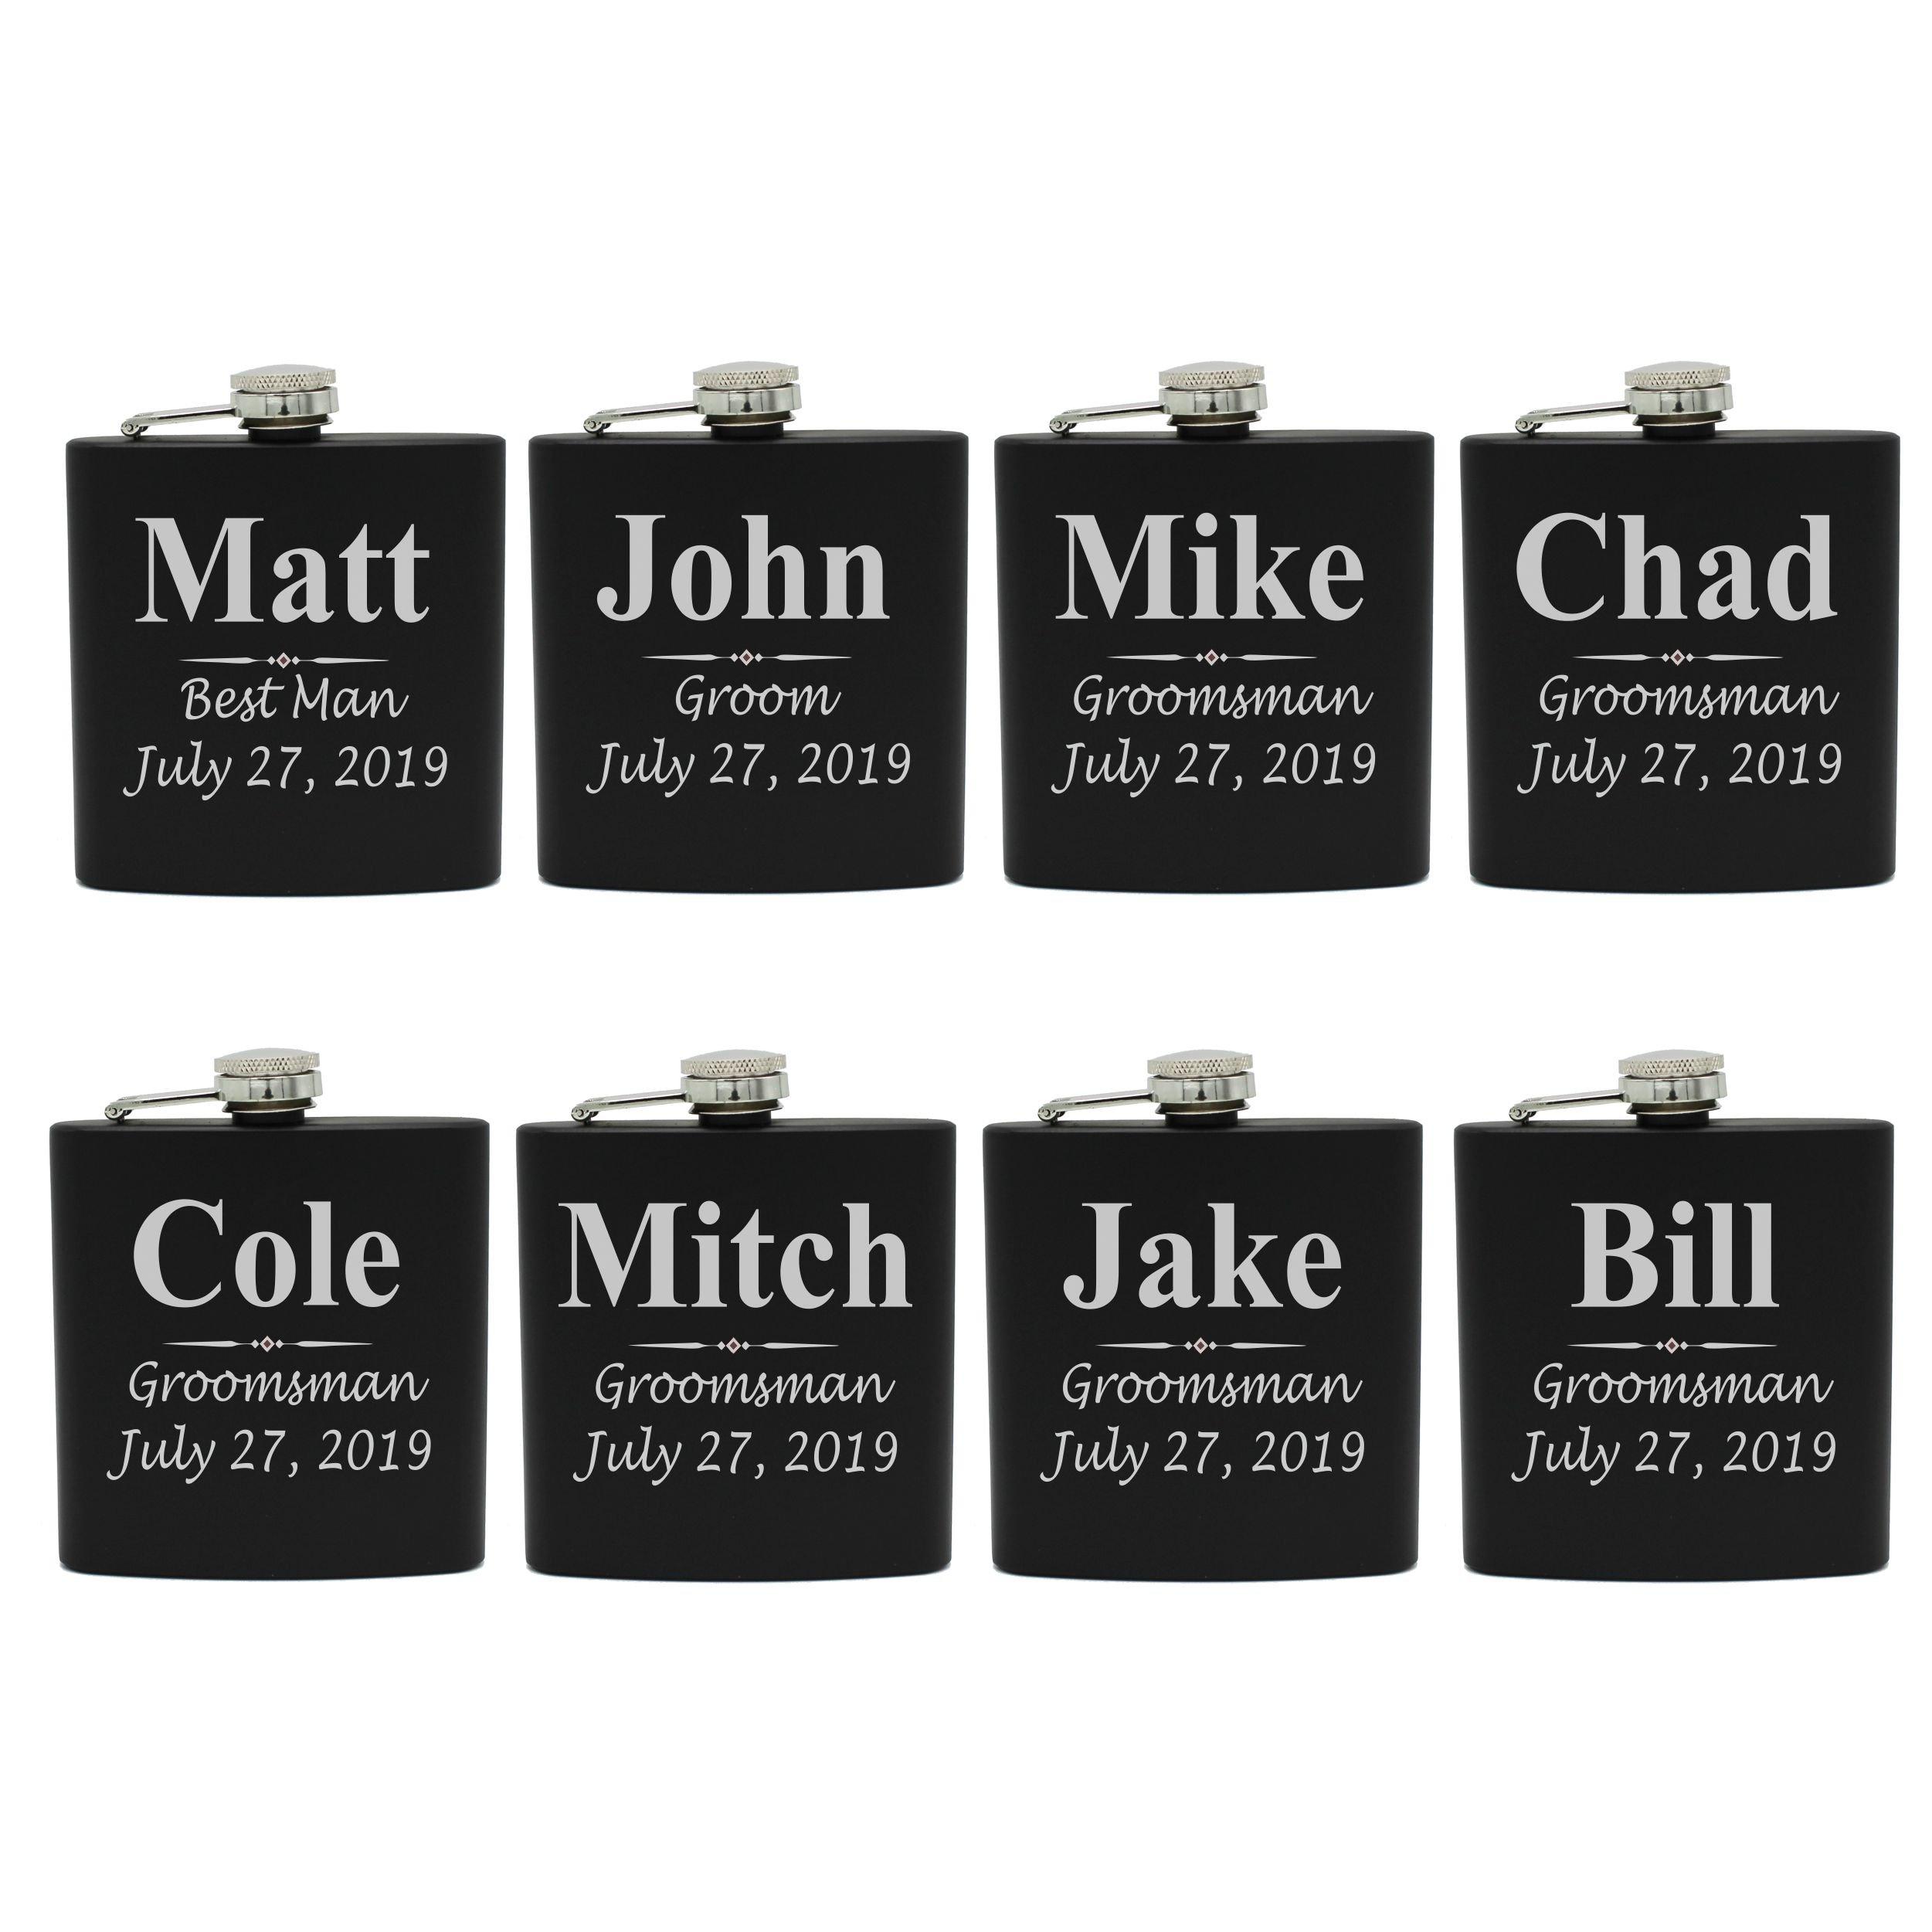 Set of 1, 2, 3, 4, 5, 6, 7, 8 Personalized Black Flask - Custom Engraved Groomsmen, Best Man, Groom Gift Flasks - 3 Lines Style (8) by My Personal Memories